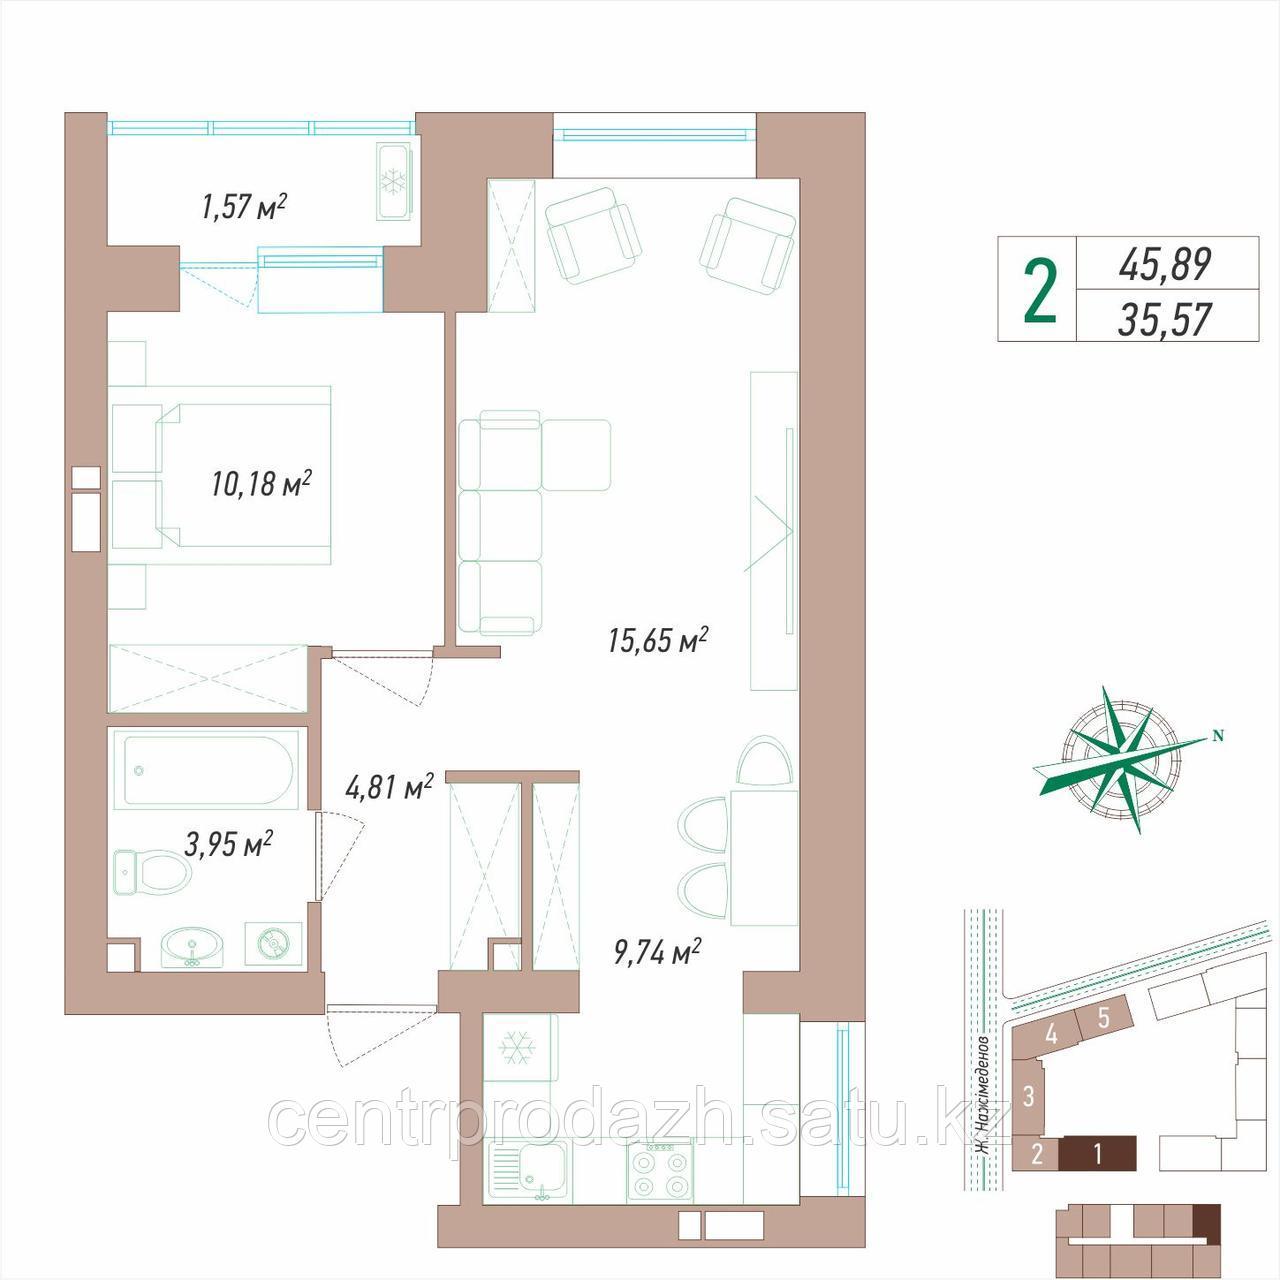 2 комнатная квартира в ЖК VIEW PARK 45.89 м²